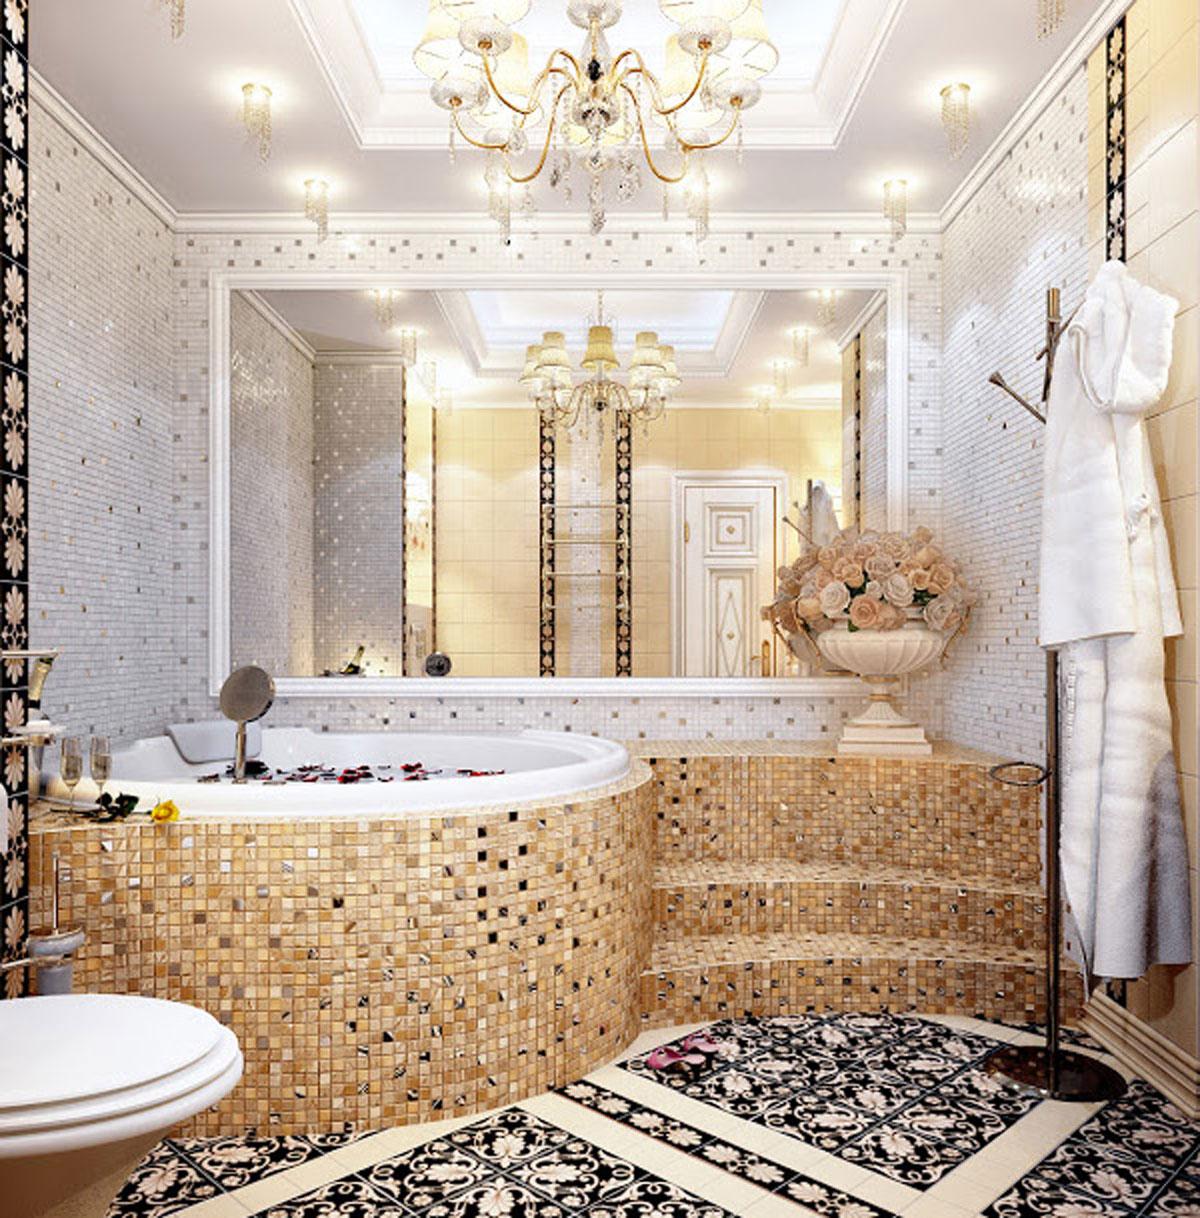 Ванная комната интерьер мозаика